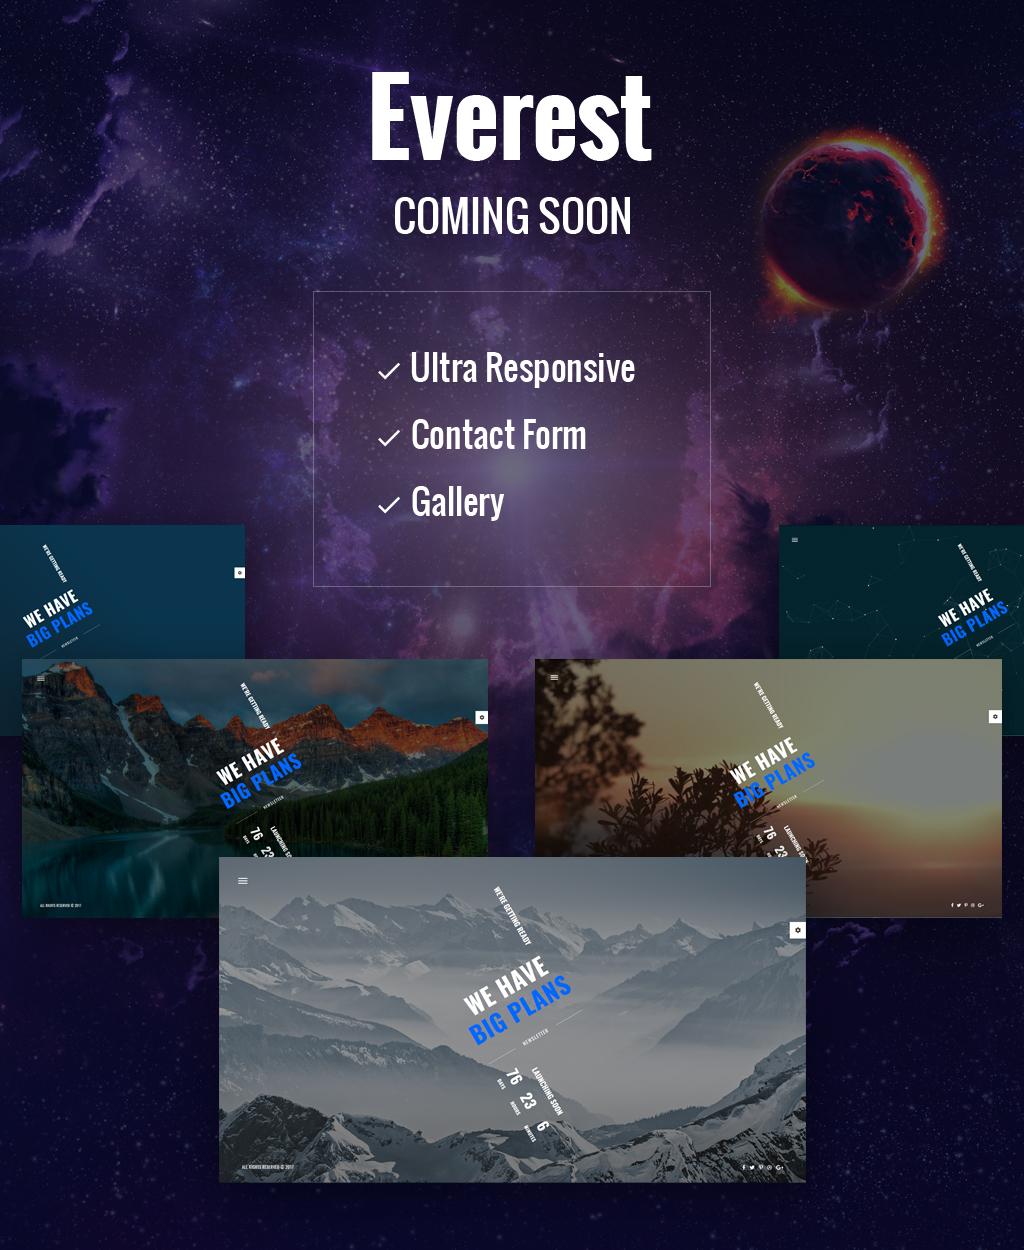 Everest - Coming Soon HTML5 Páginas Especiais №64896